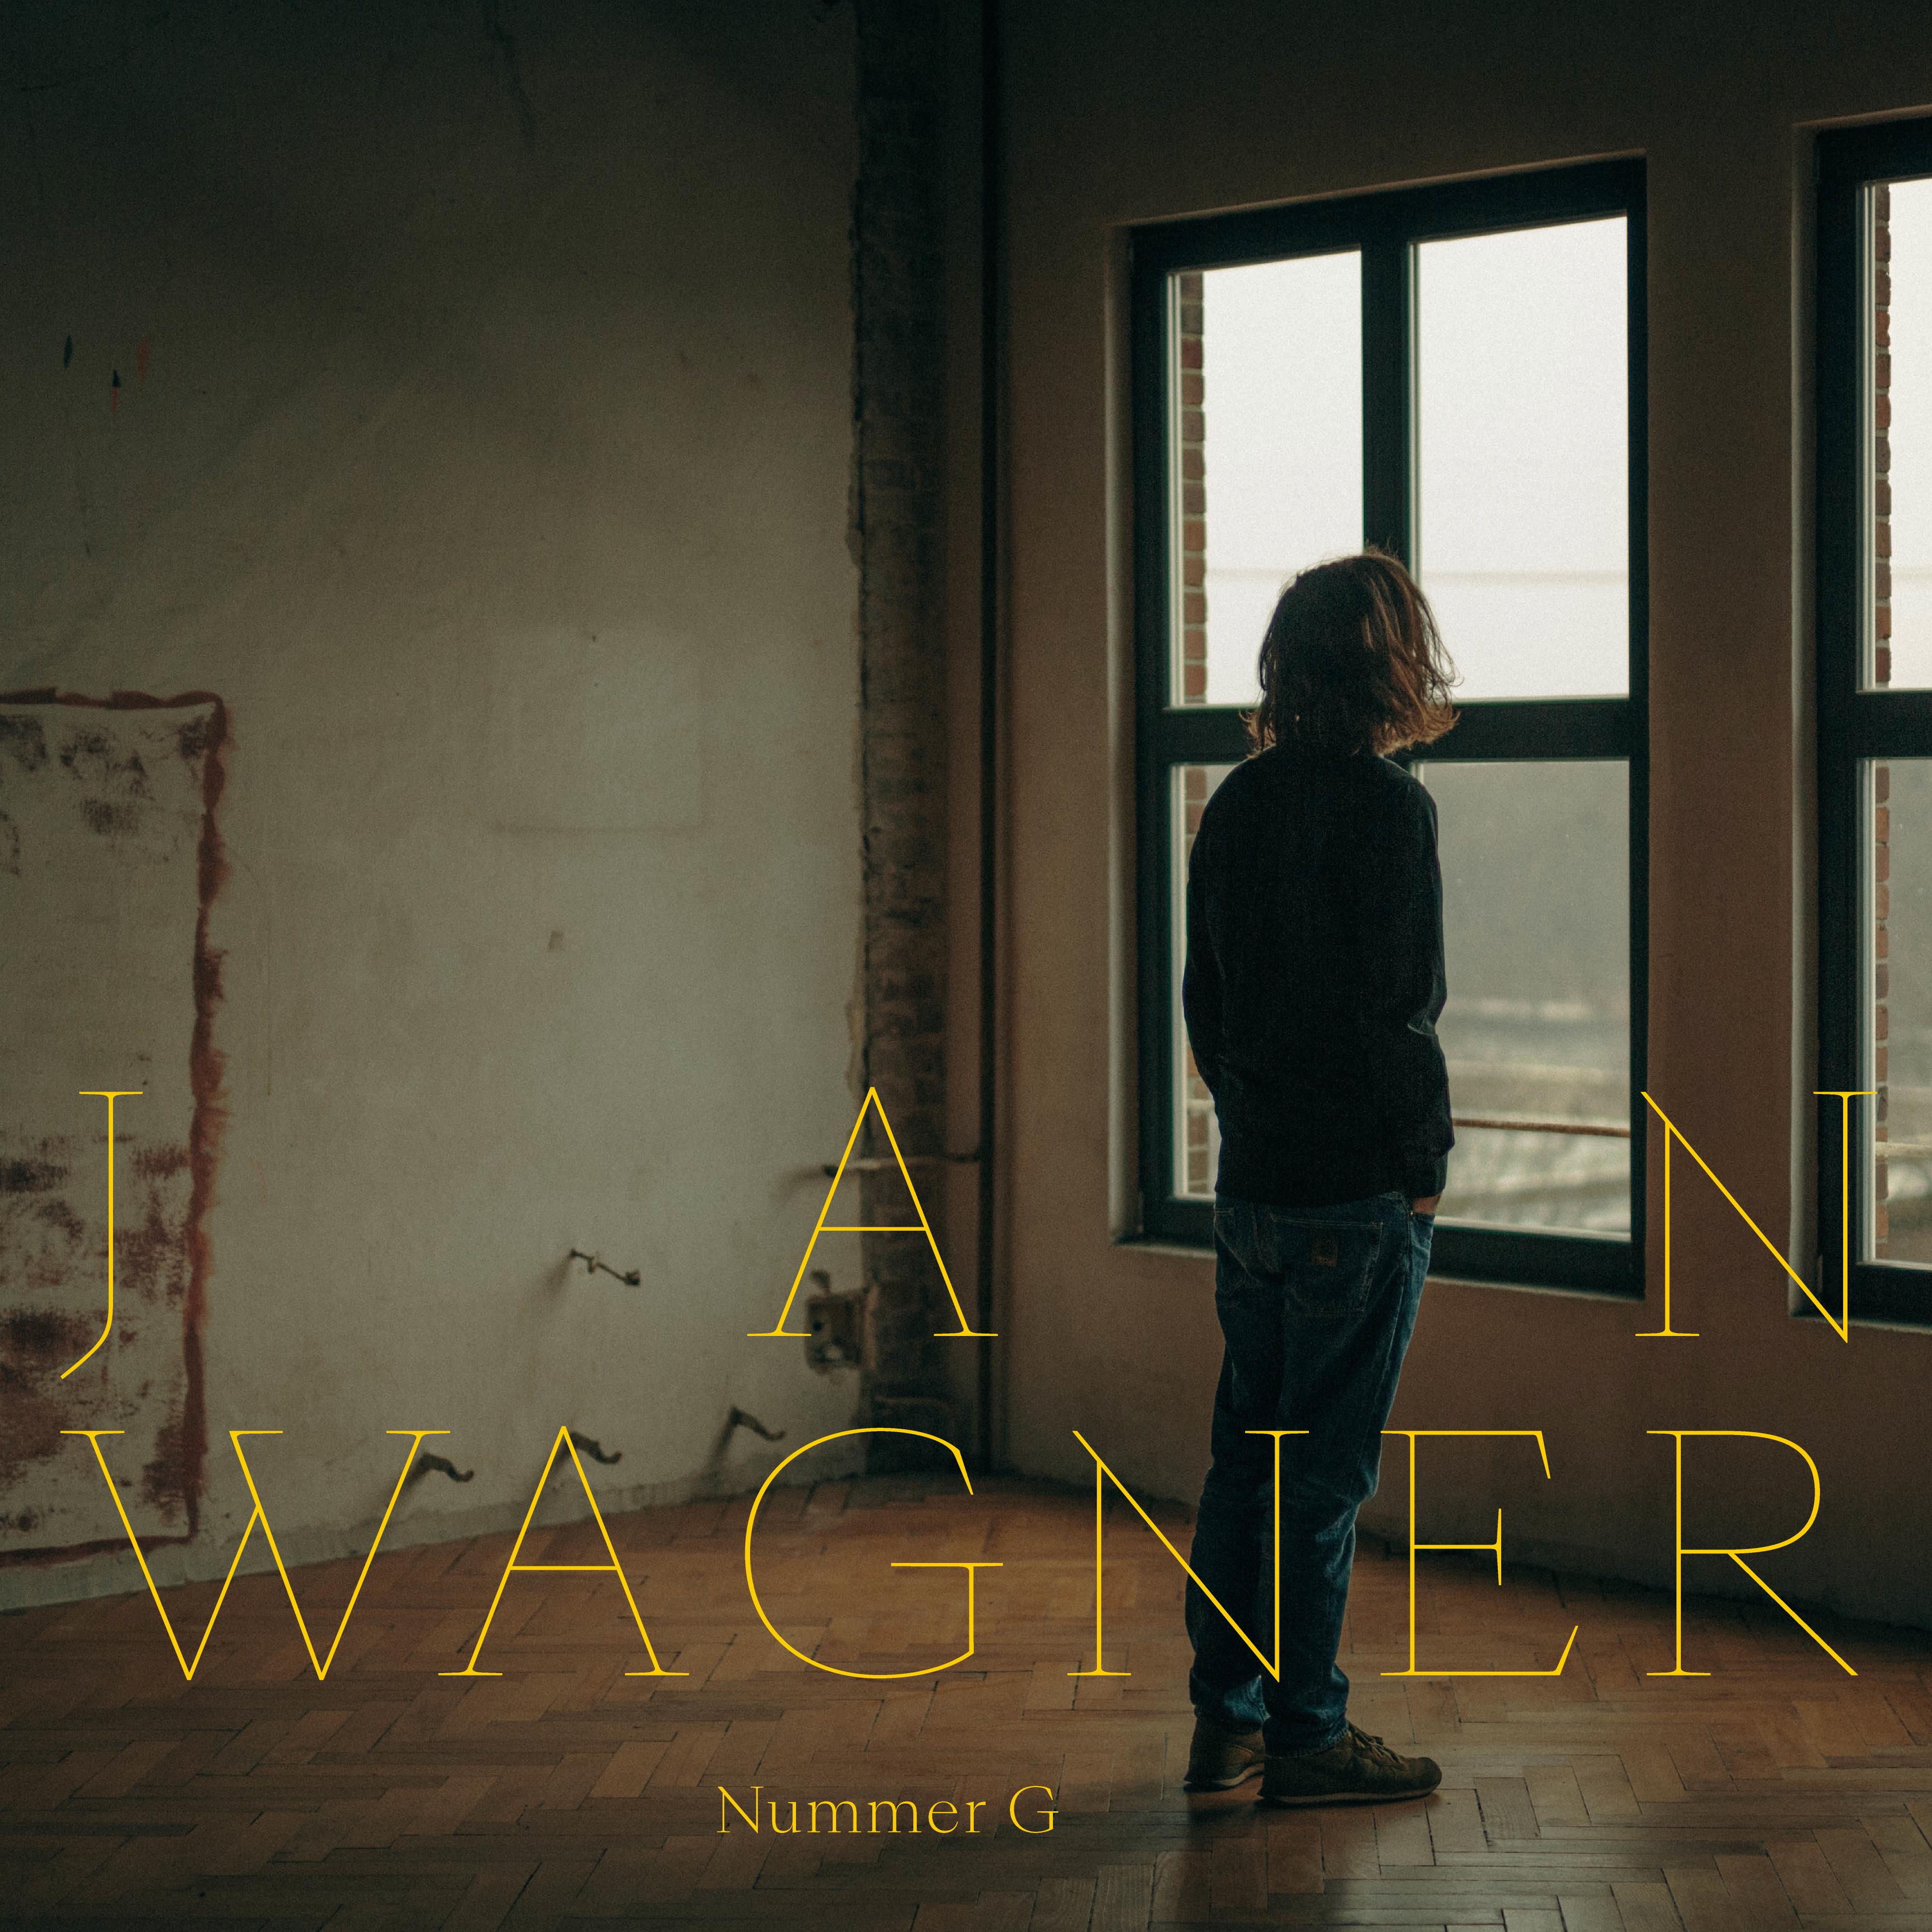 201-Jan-Wagner-Nummer-B-4000×4000